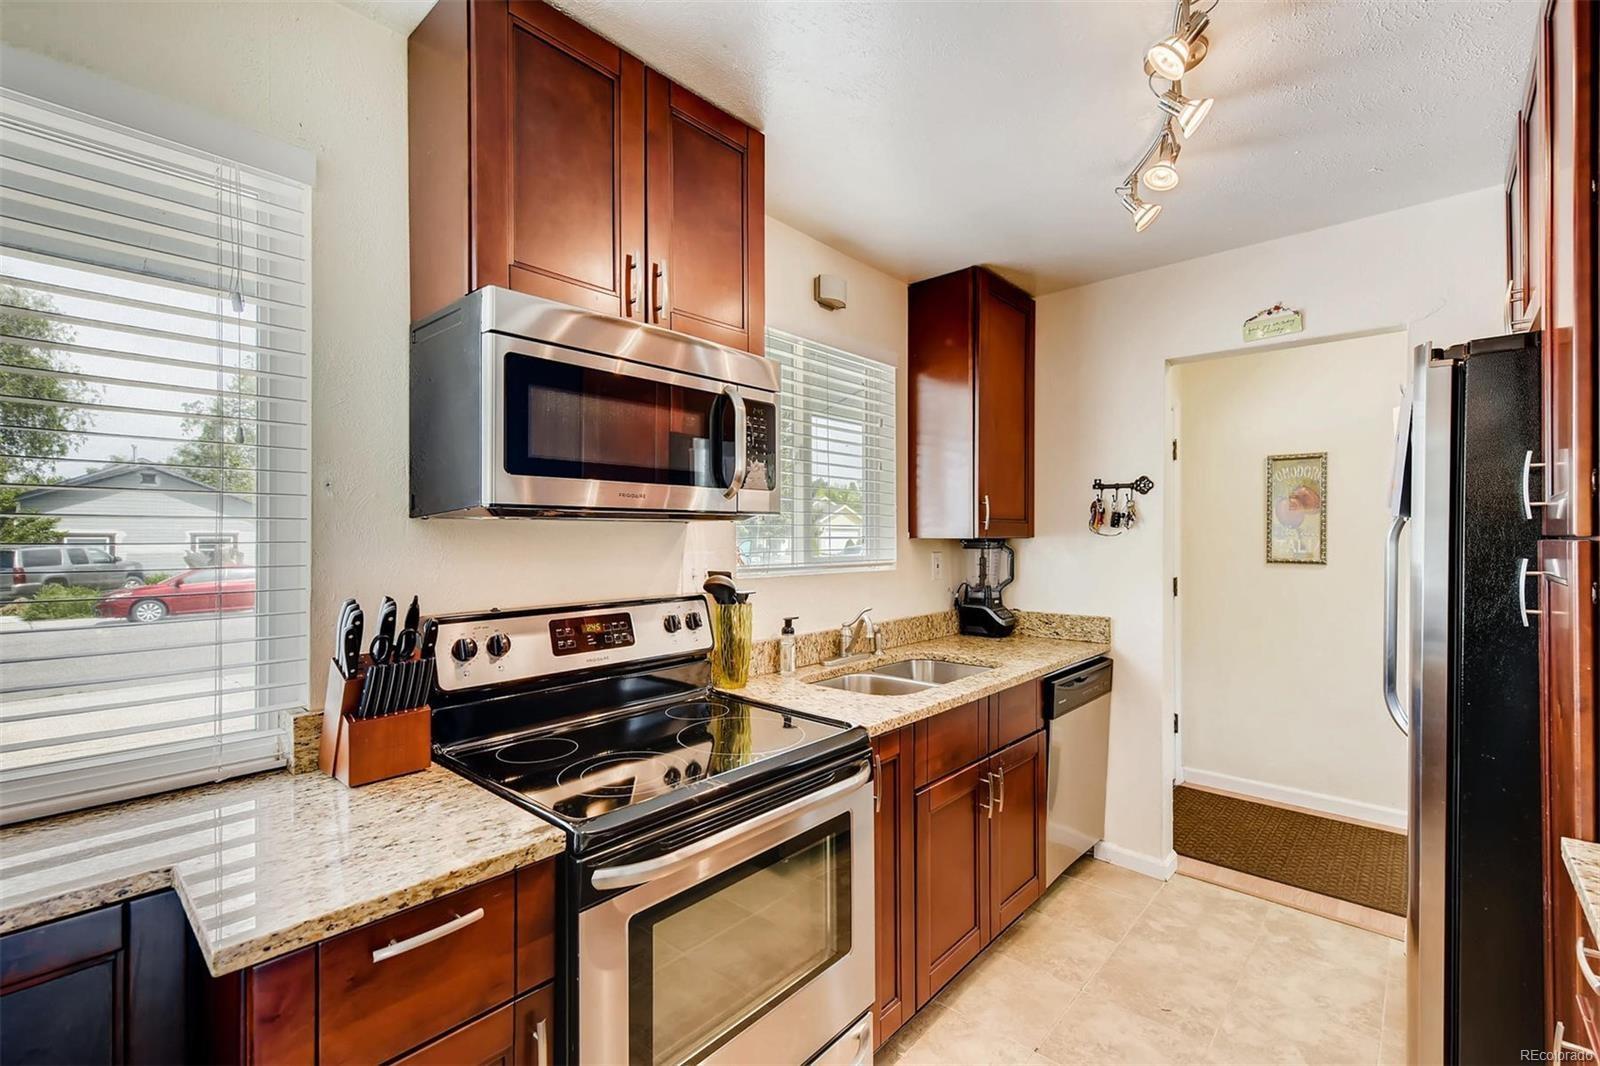 MLS# 4882660 - 1 - 855  S Krameria Street, Denver, CO 80224